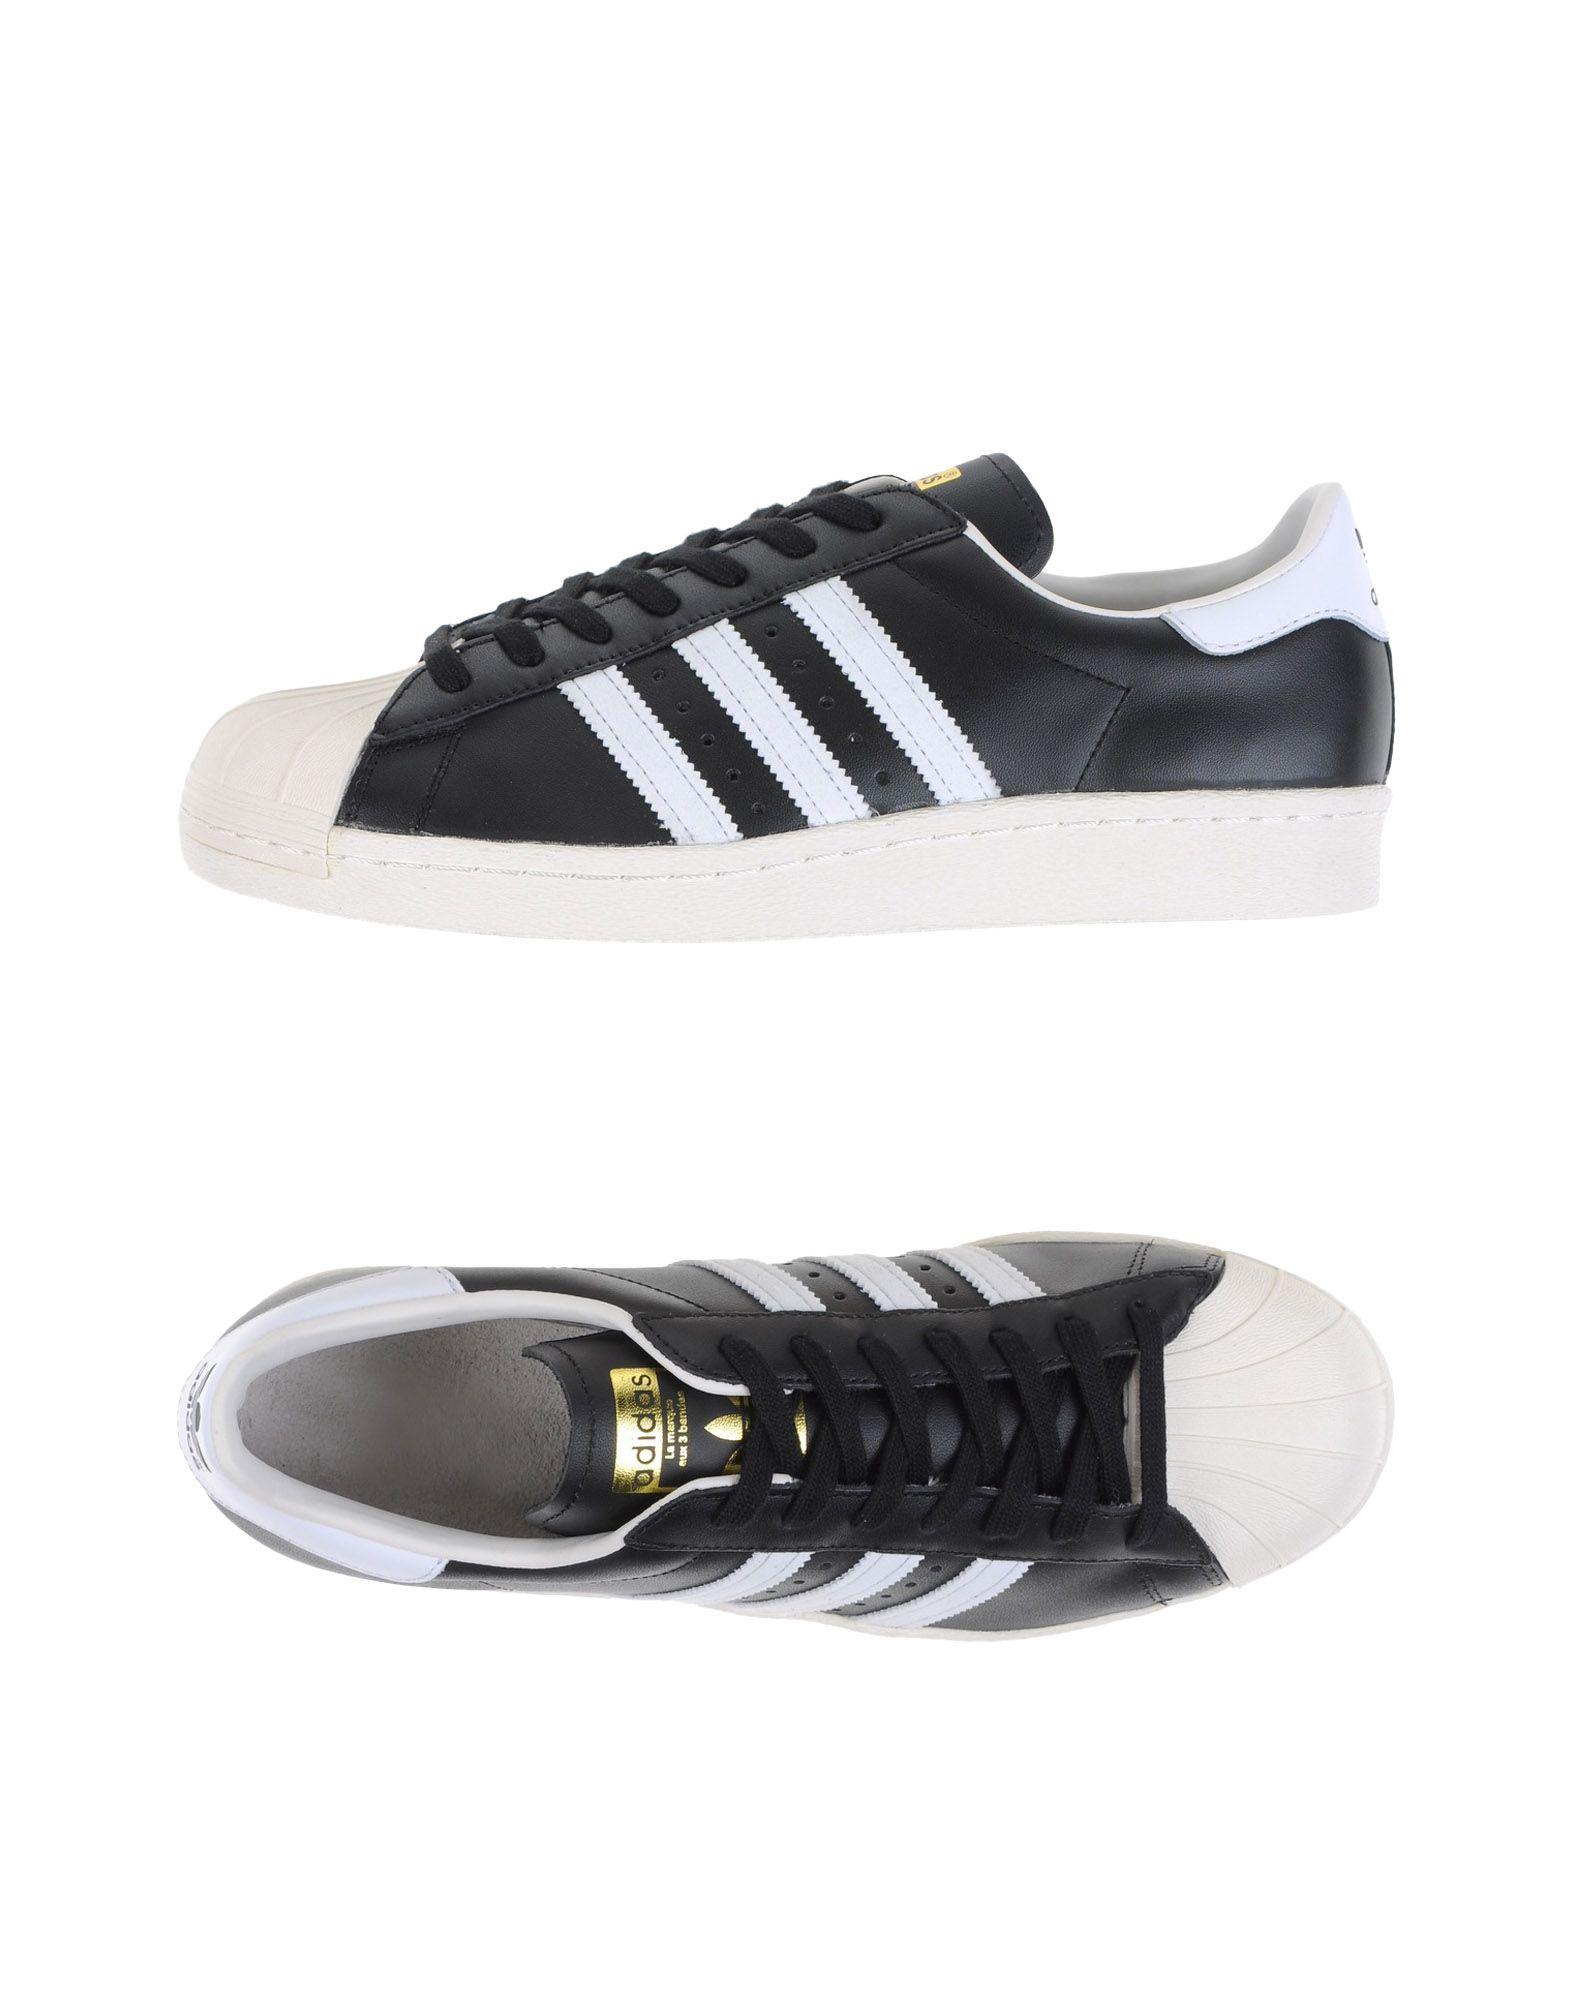 Destockage À De Gazelle dédié Économiser Groupe Adidas Promotion hQrxBCdts